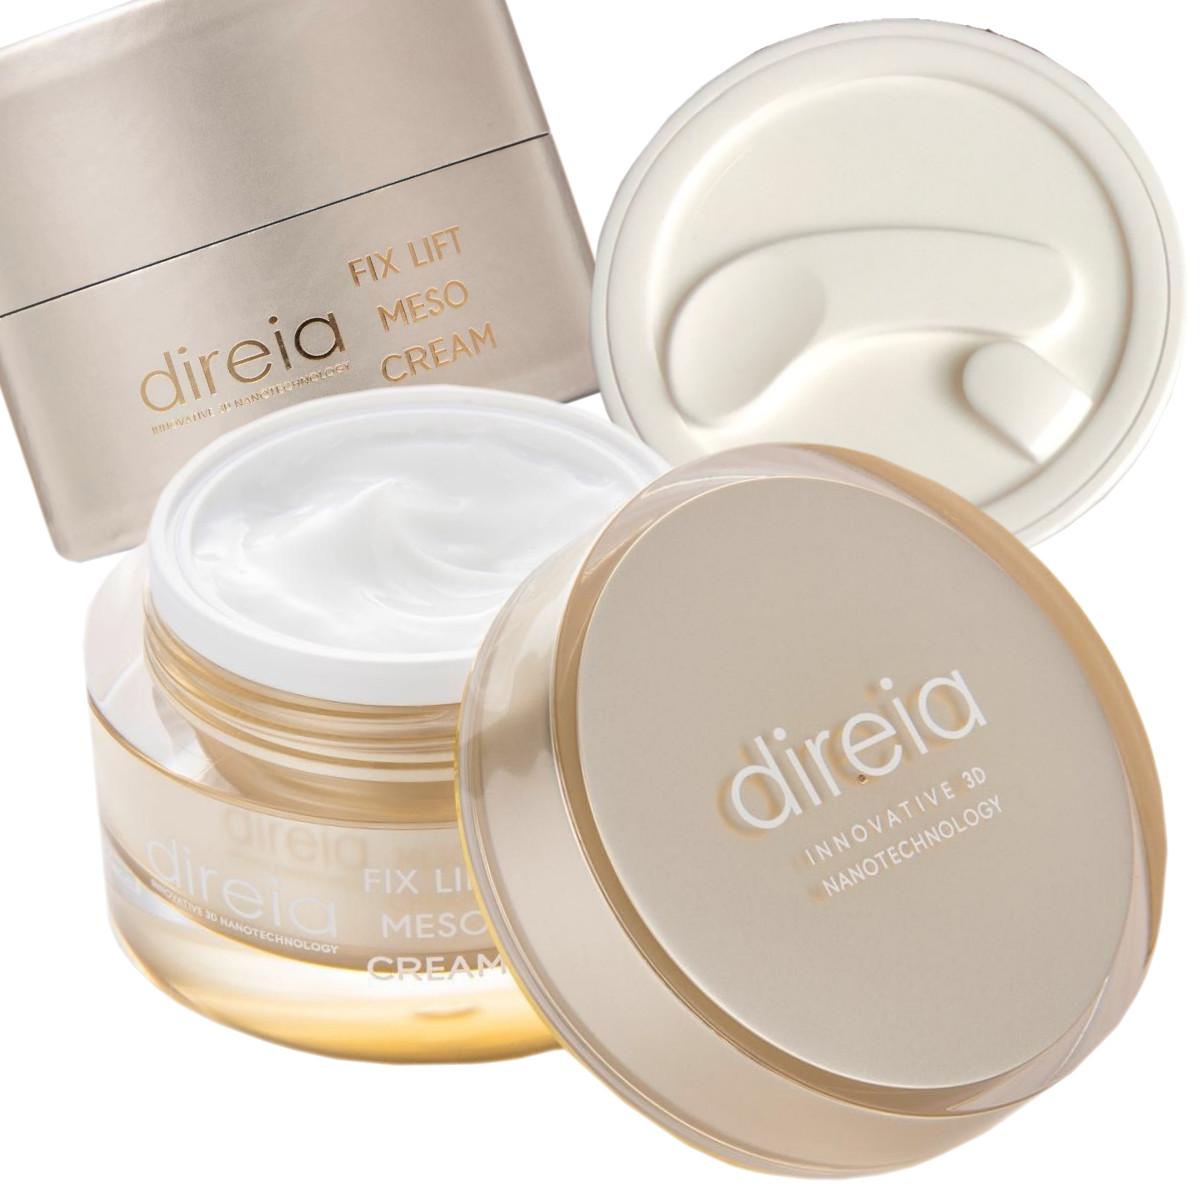 《新店オープンセール》Direia メソクリーム 30g 脂肪 燃焼 溶解 引上げシワ解消 小顔 ダイエット Fix Lift Meso Cream フィックスリフト メソ スリミング クリーム